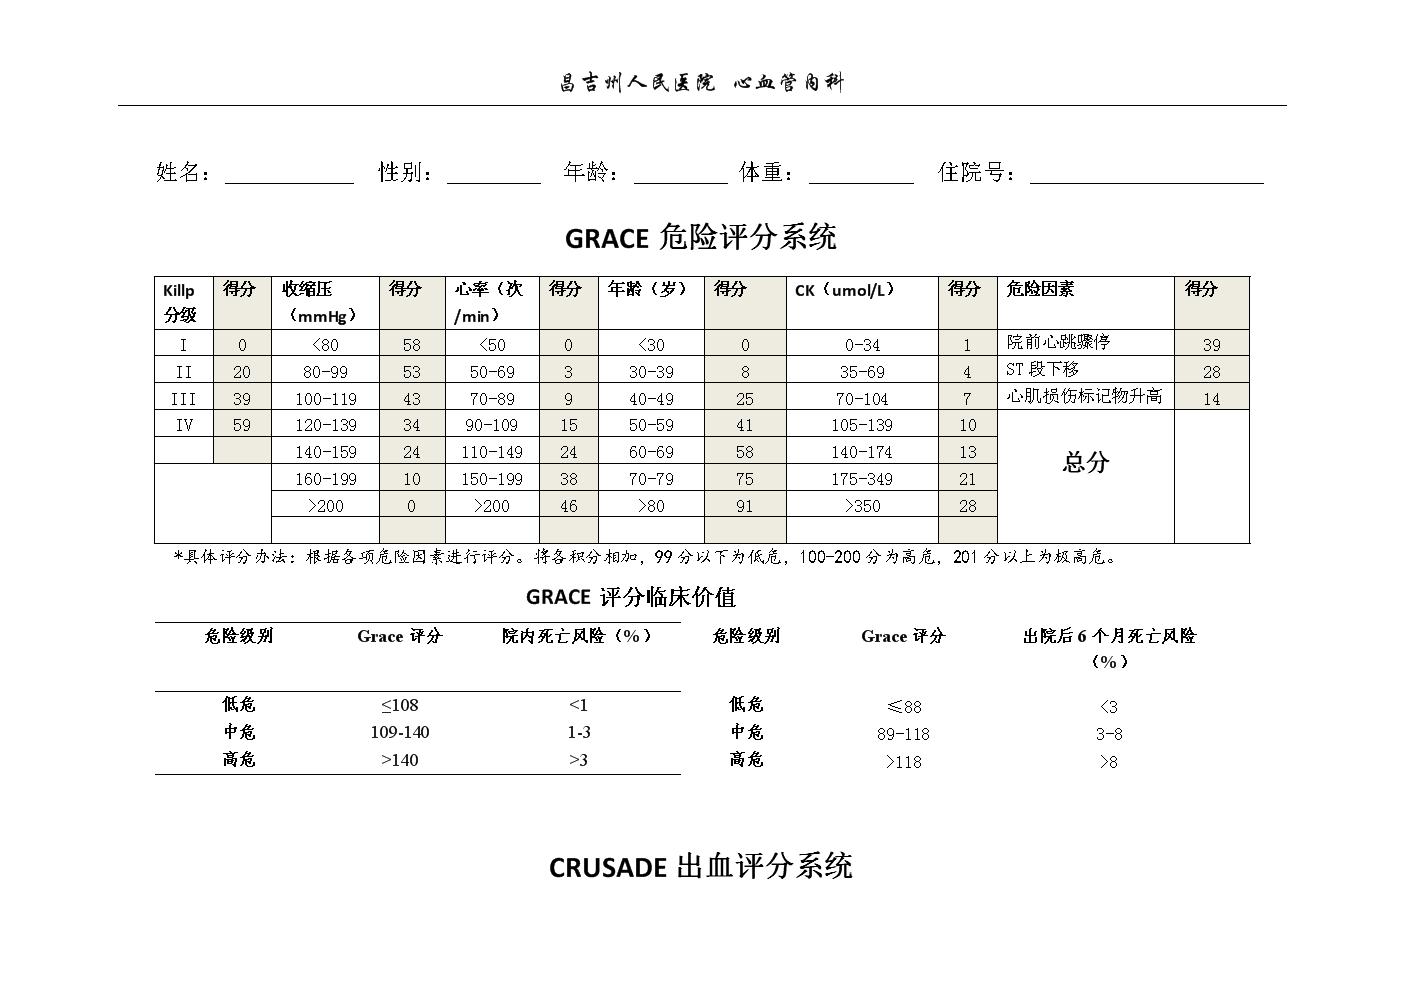 grace评分系统和crusade出血评分系统.doc